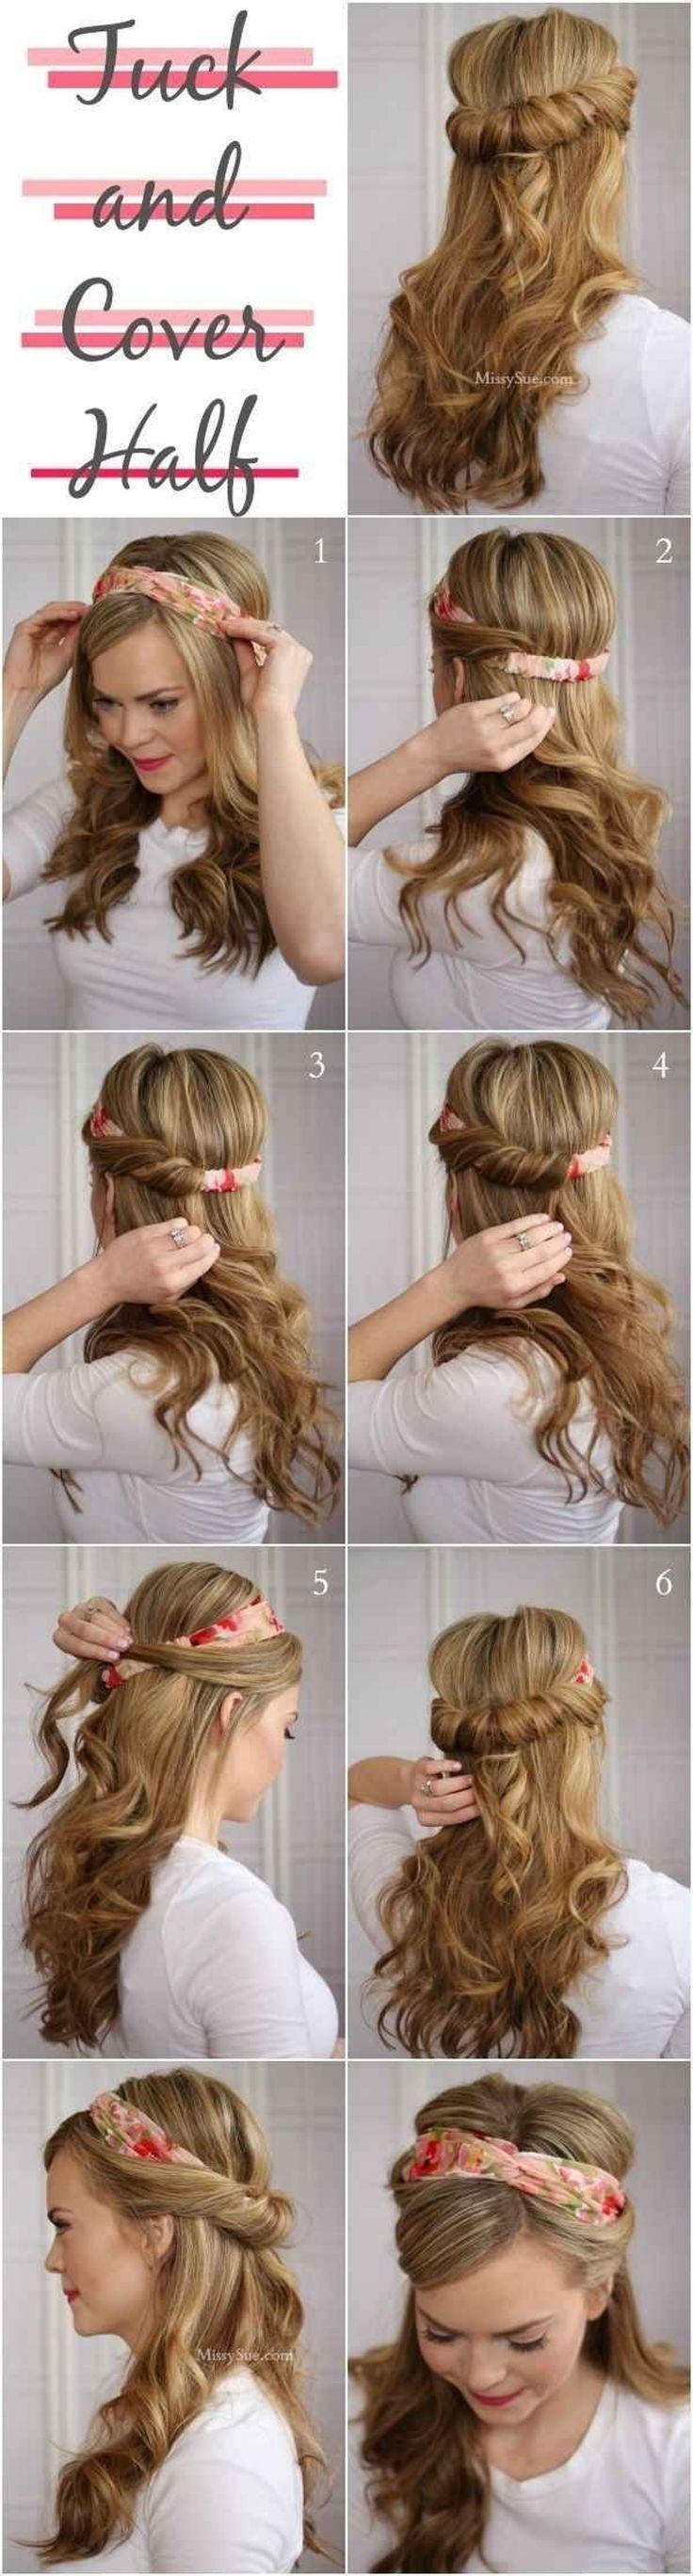 5. tuck et #couvrir - 16 magnifiques #Styles de cheveux pour #filles paresseux #comme moi... → Hair